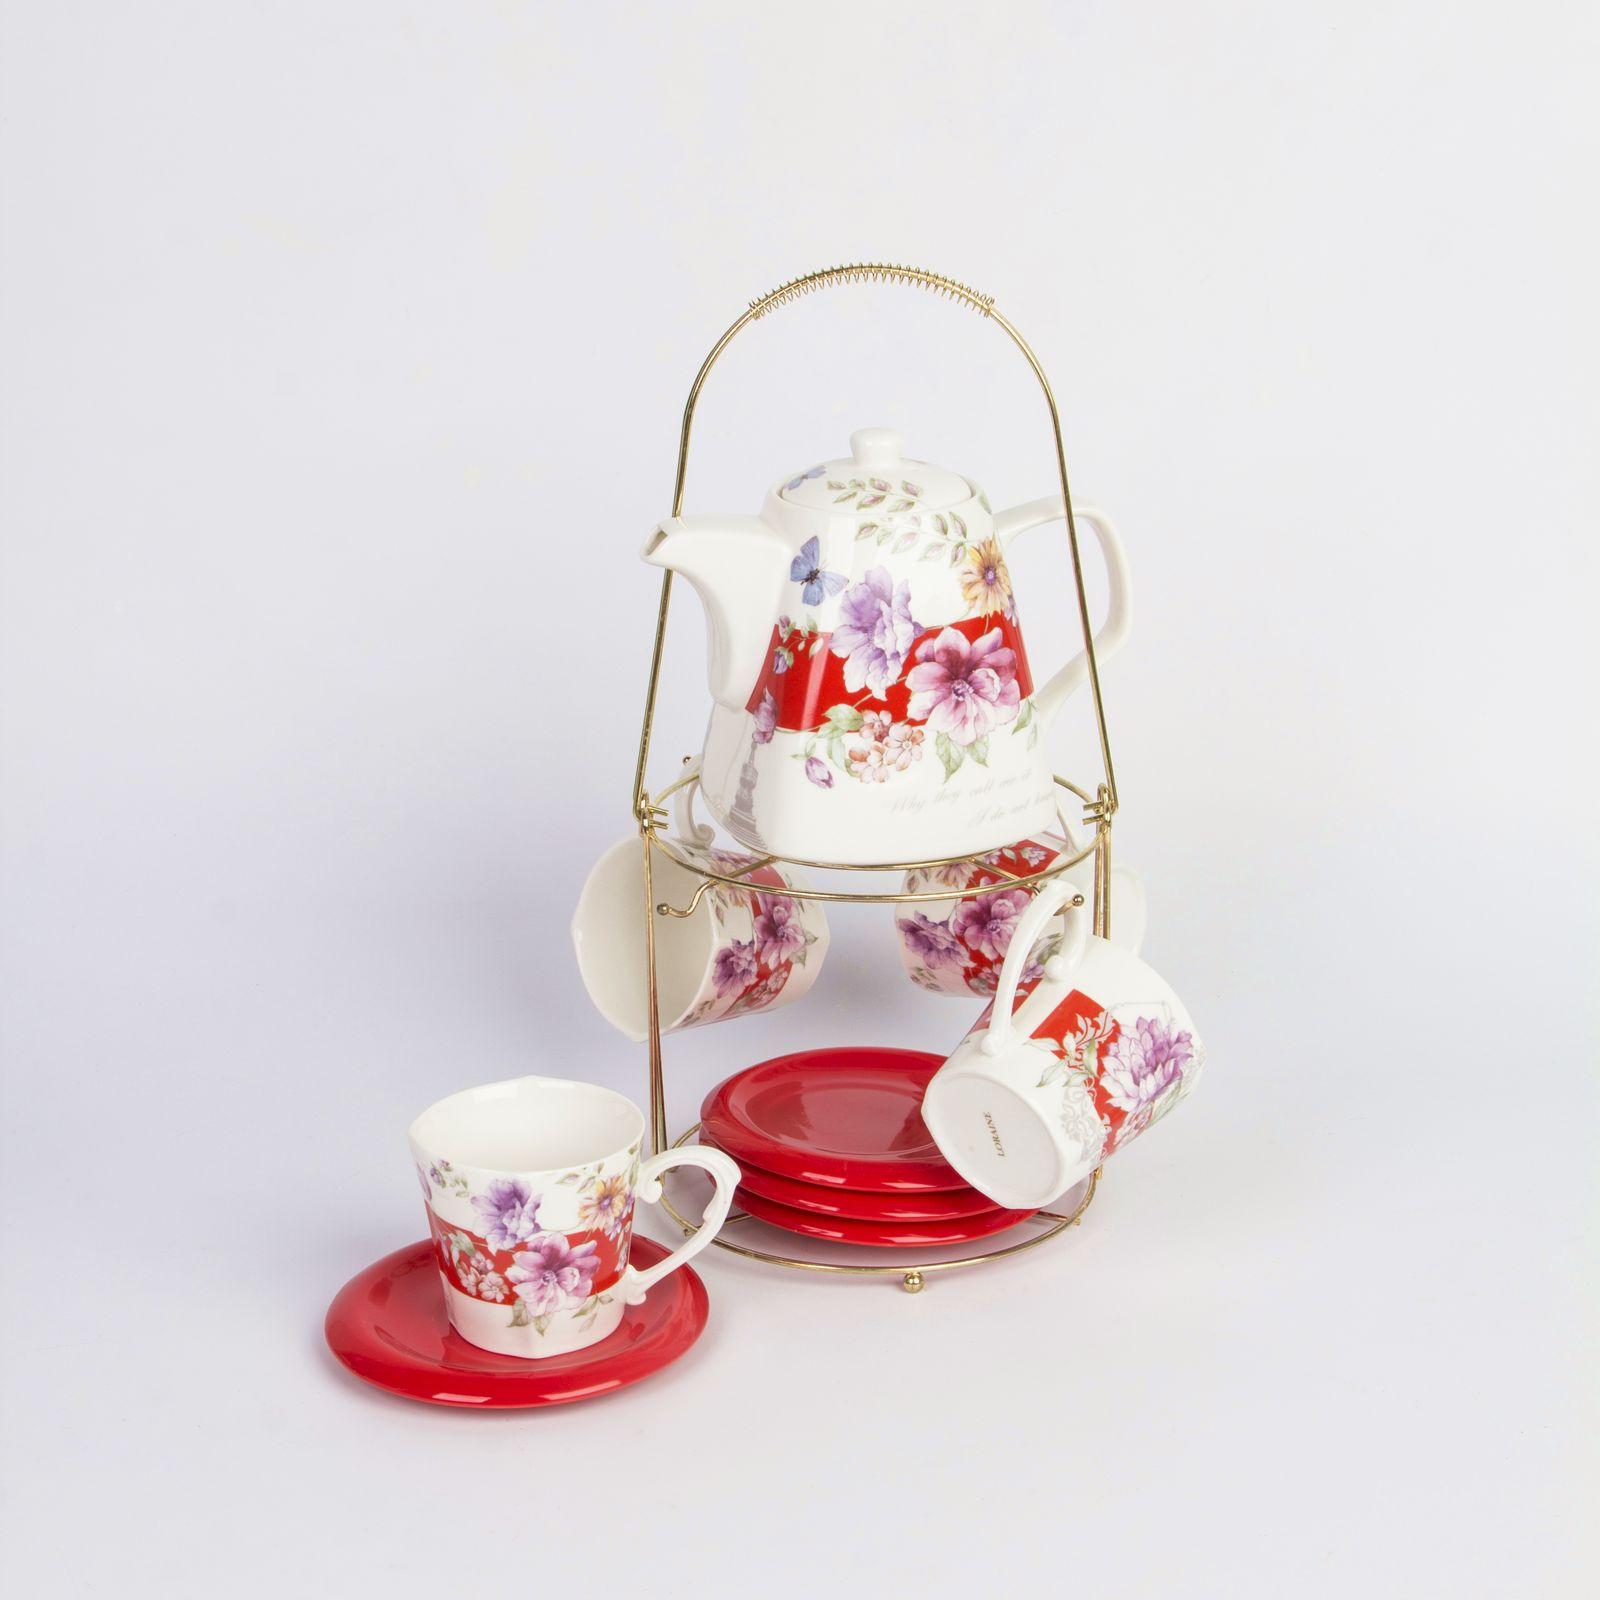 Чайный сервиз на подставке из Био и Эко керамики